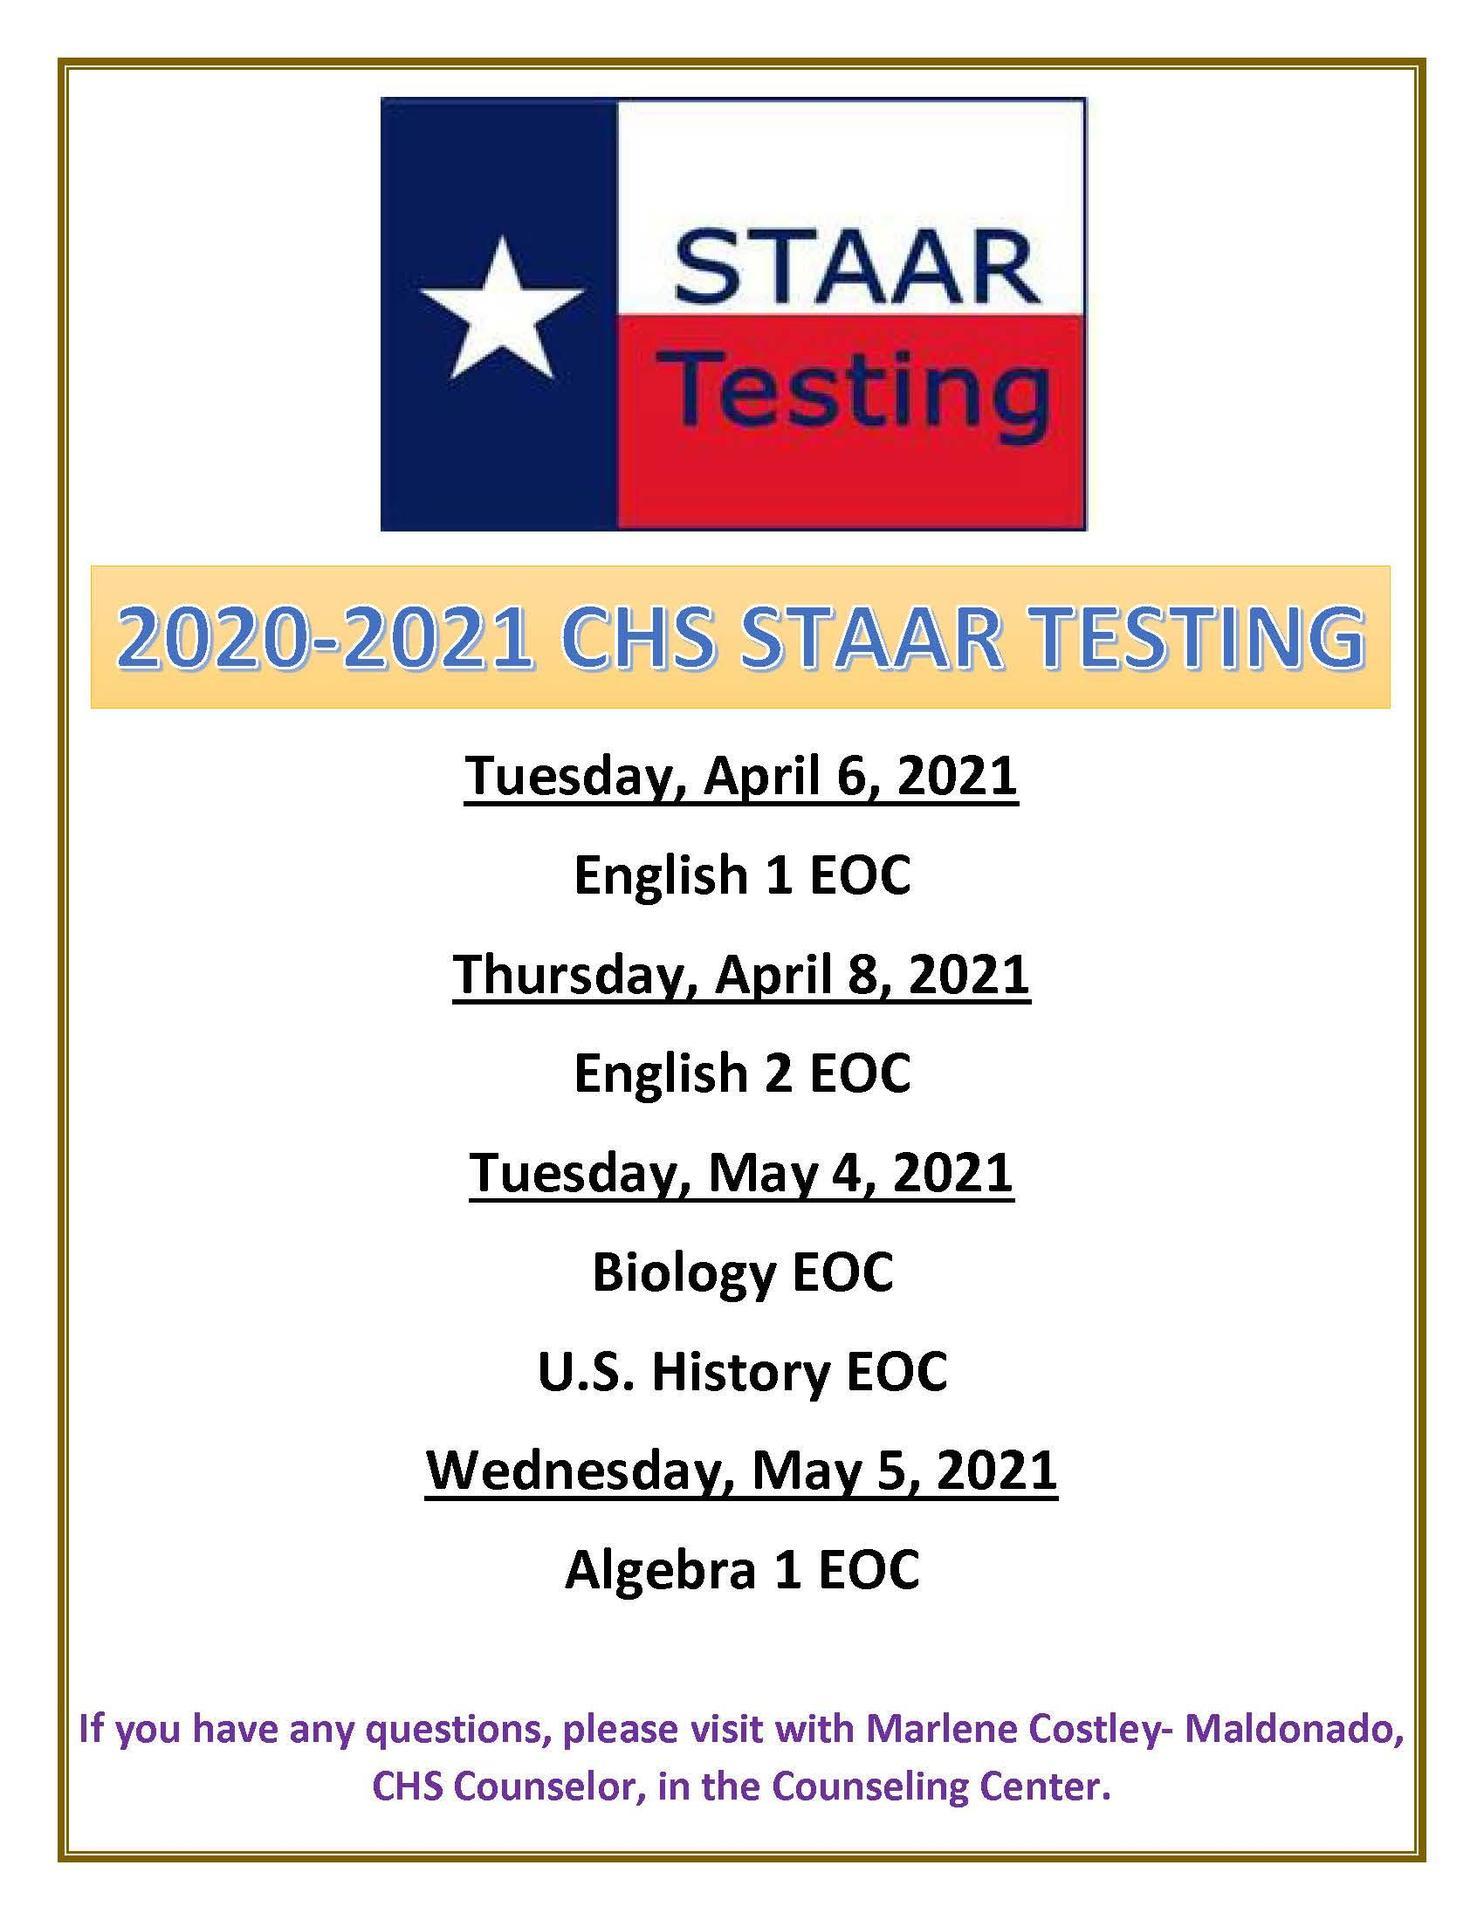 STAAR 2020-2021 Test dates